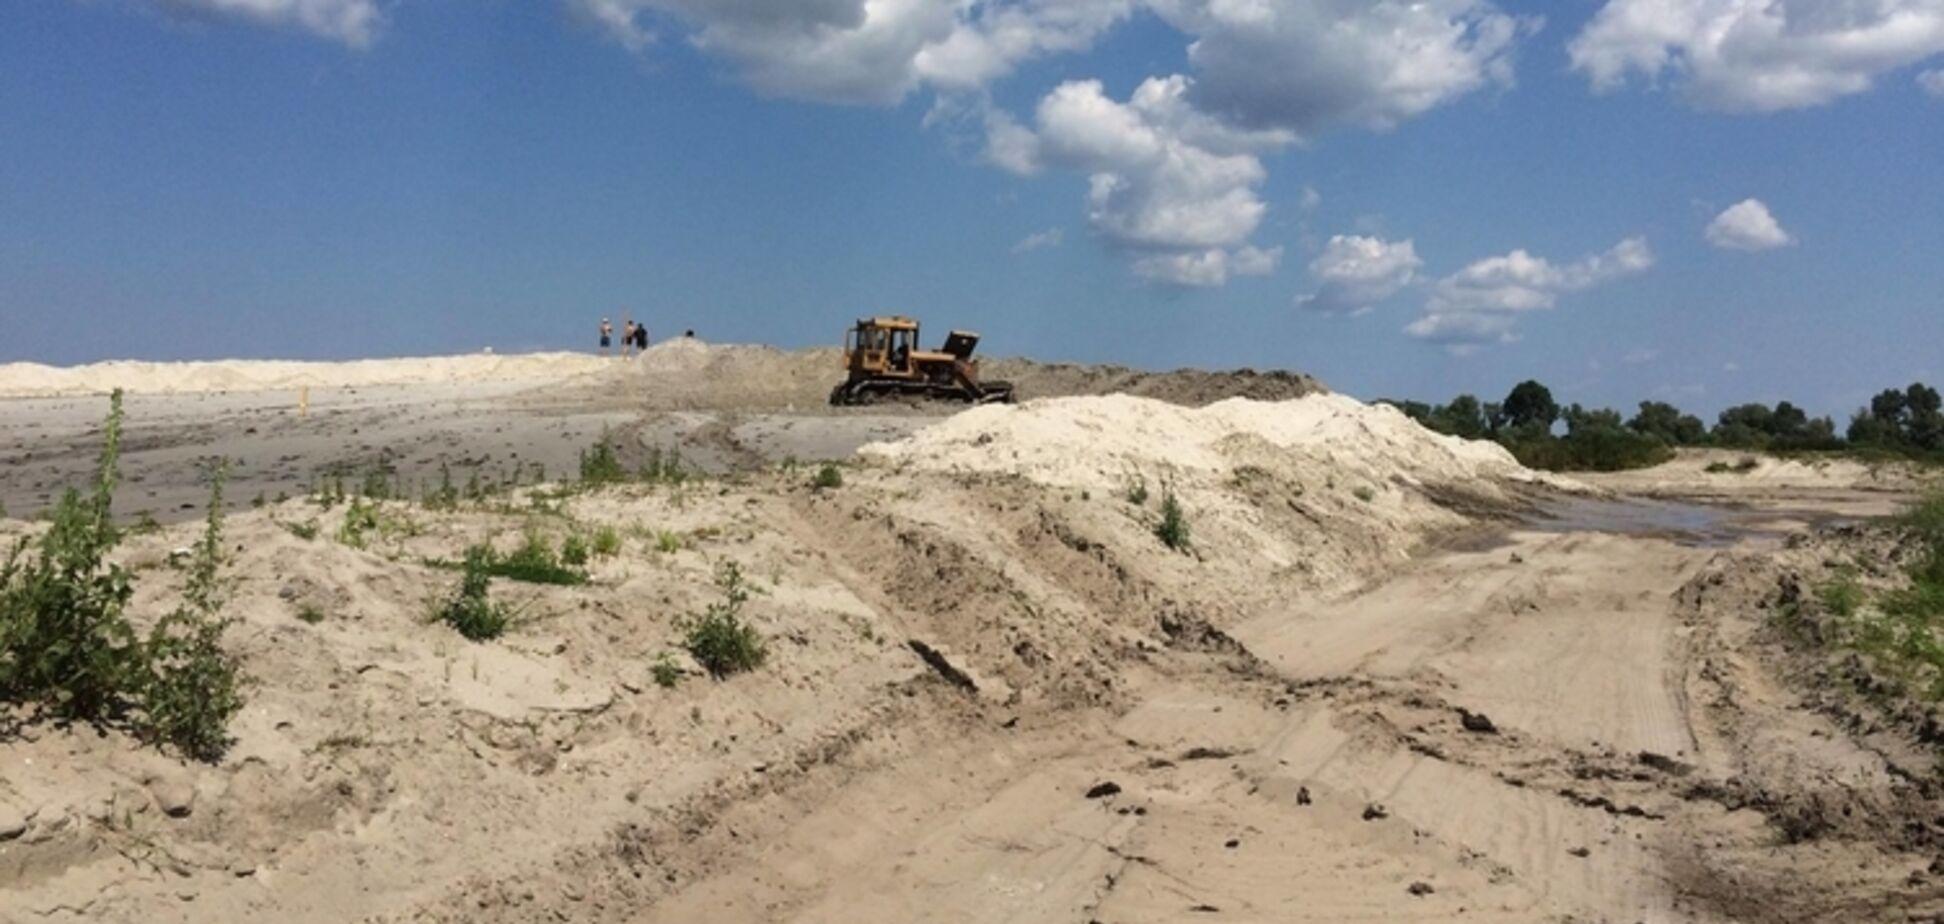 Нелегальная добыча песка: правоохранители ничего ''не видят'', им есть, что делить